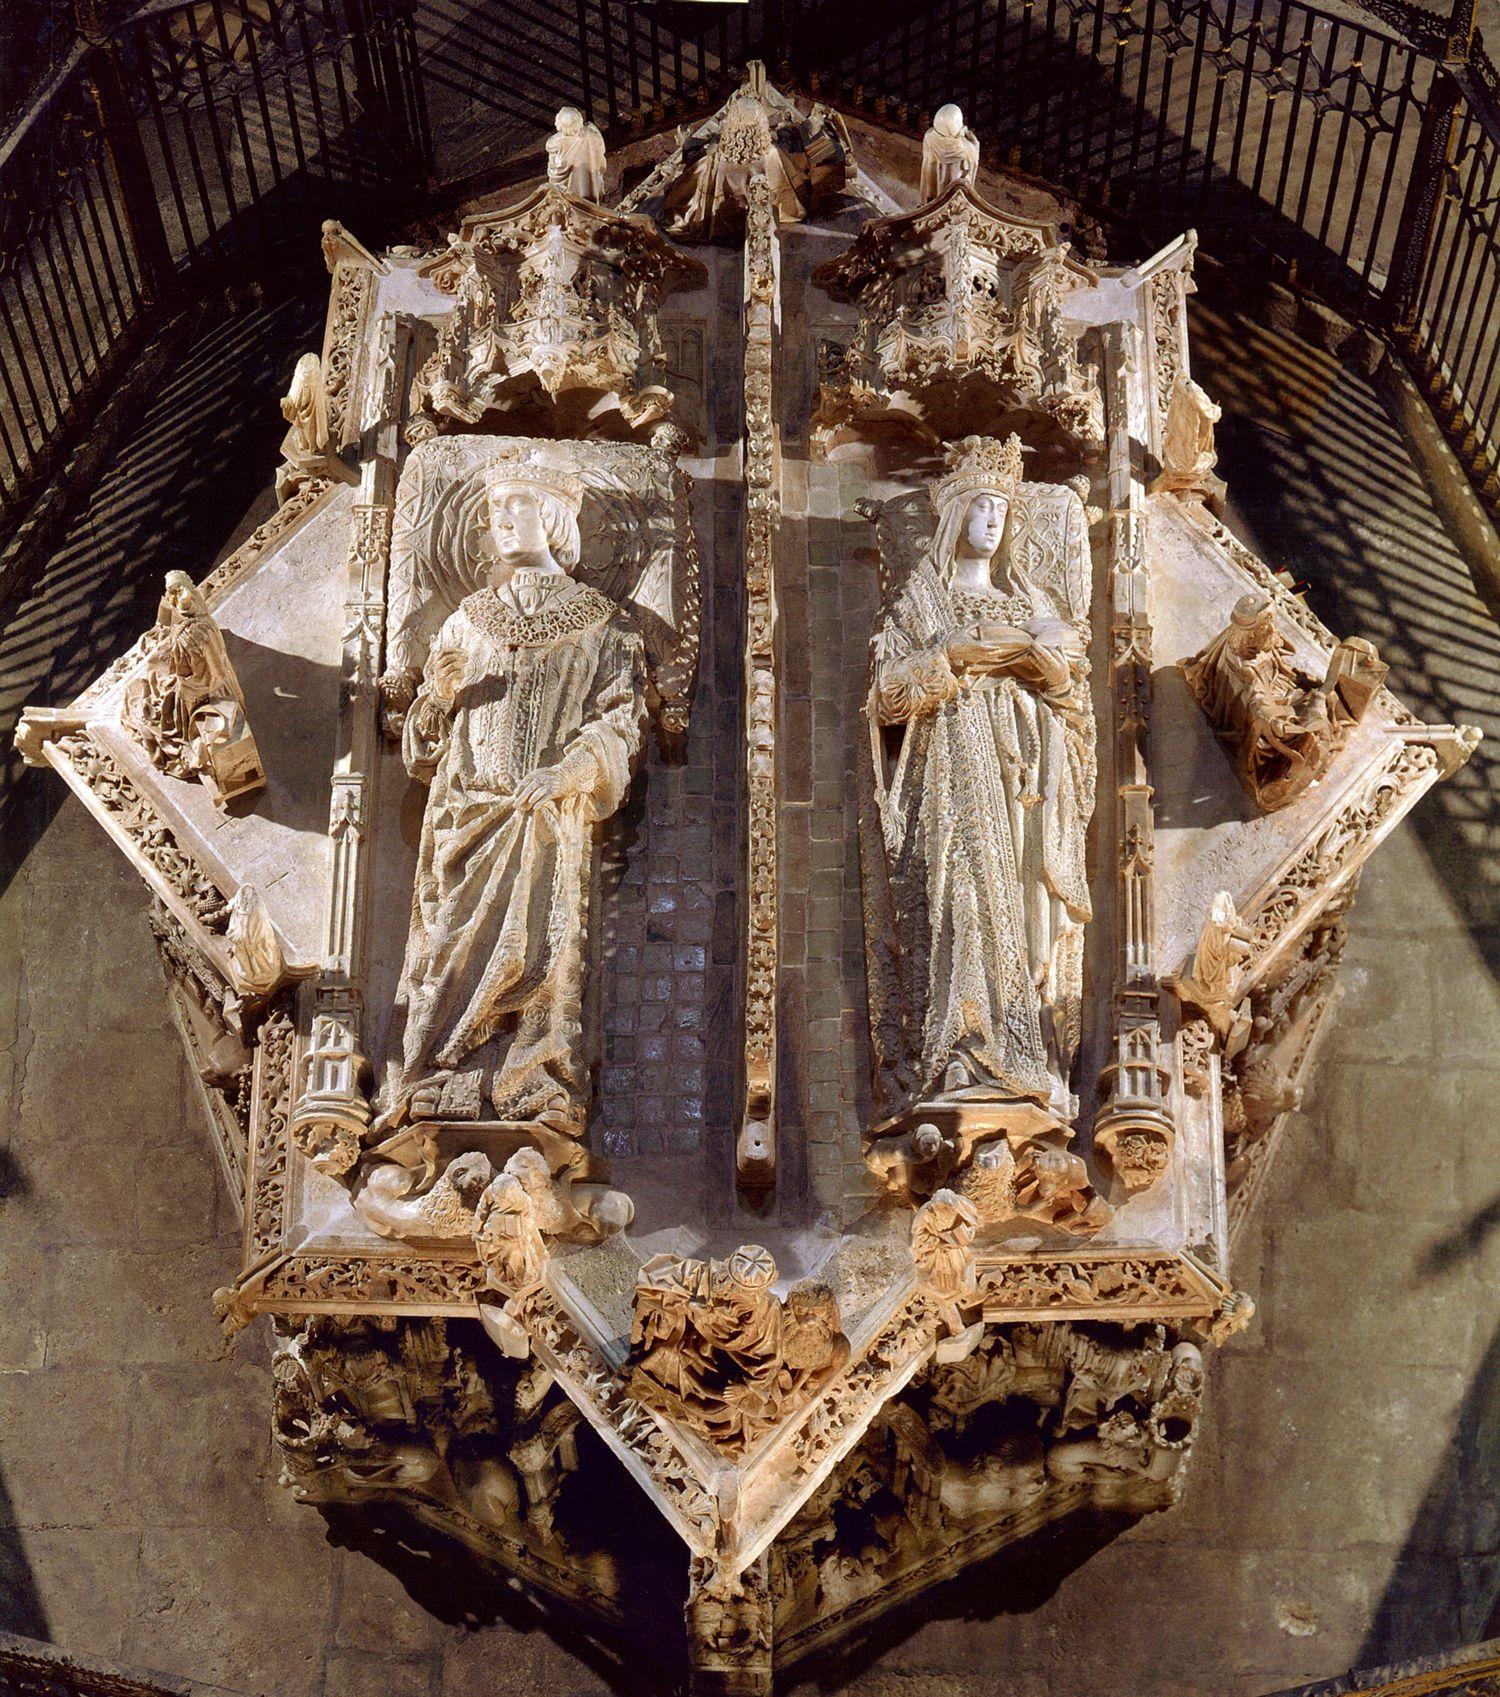 El monumental sepulcro de los padres de la Reina Católica es en verdad asombroso en sus dimensiones, en su perfección técnica, en su recargado detallismo y en su originalidad sin par. Jorge Álvarez…